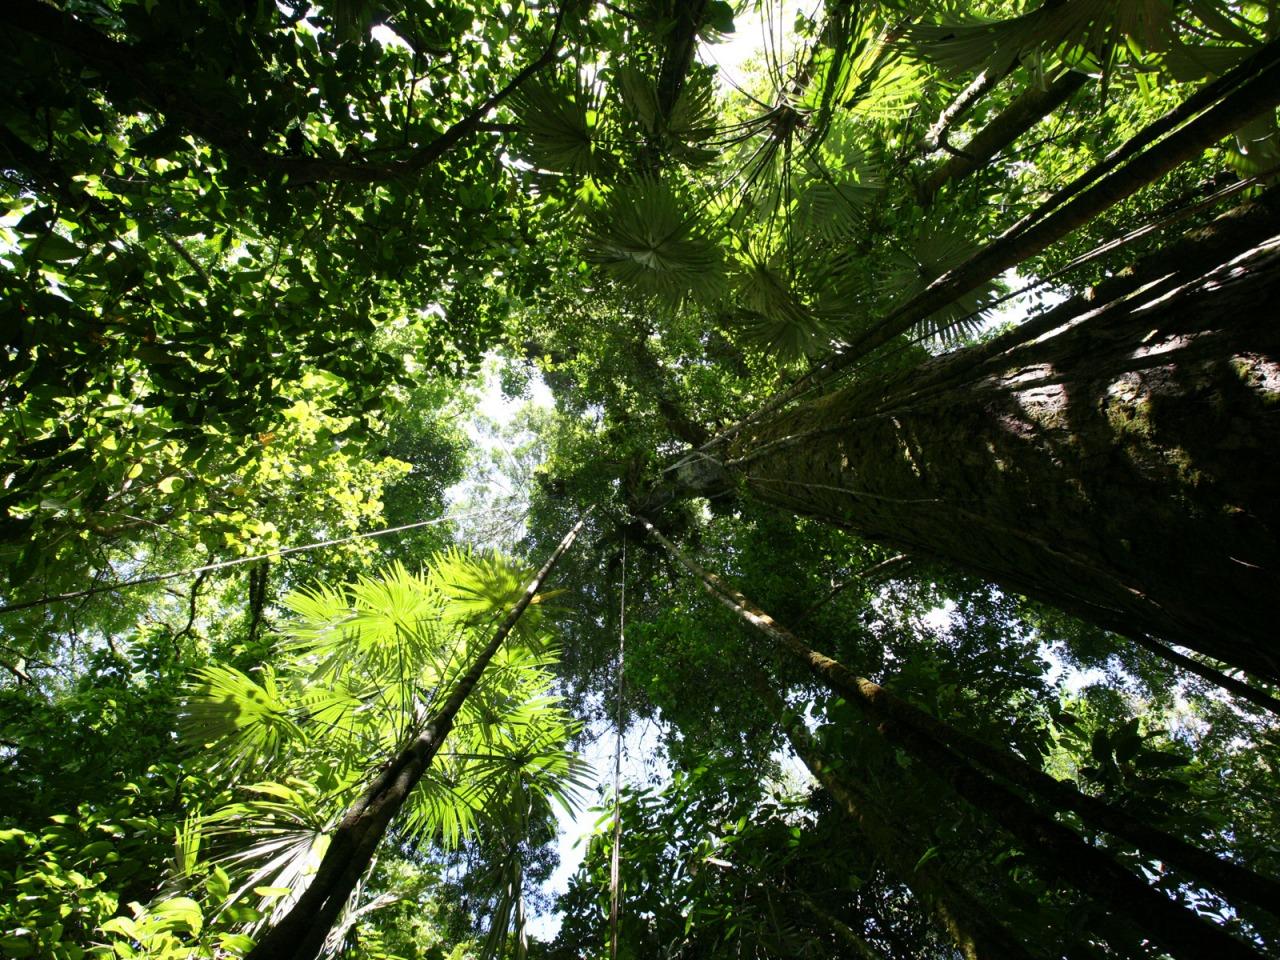 rainforest hd desktop wallpapers - photo #13